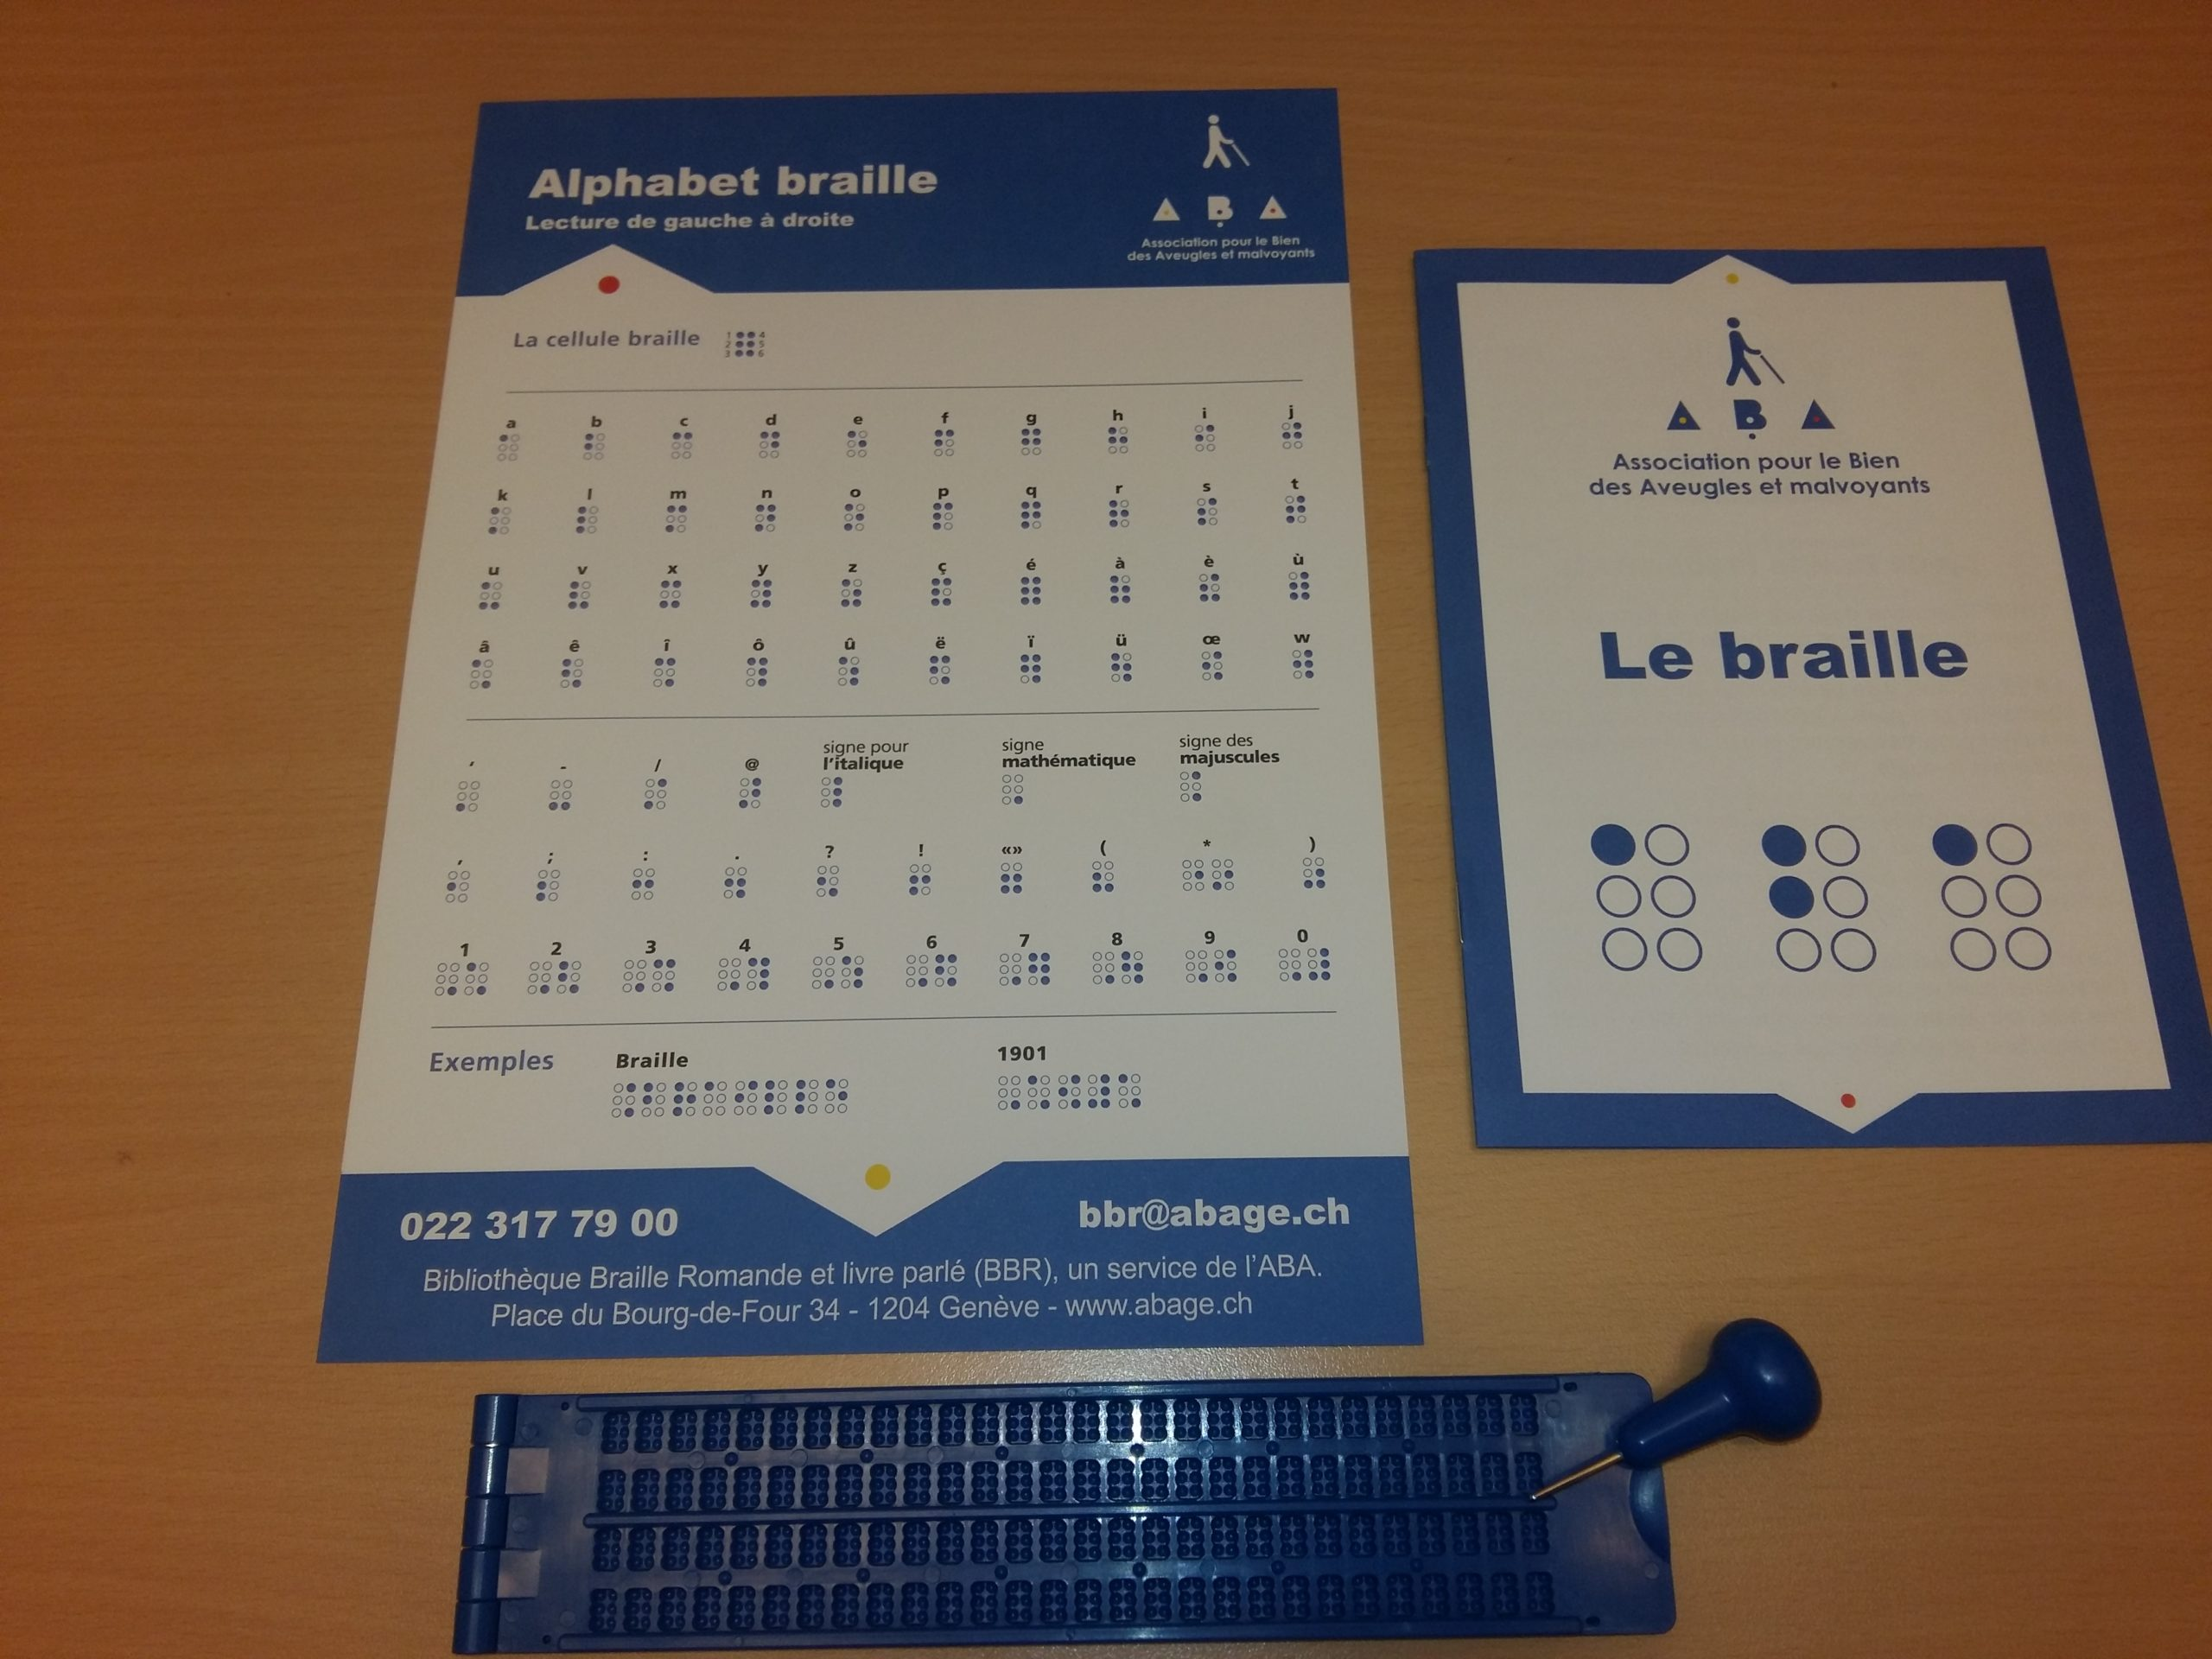 Photo: Matériel utilisé lors de sensibilisation au braille: un alphabet braille, un livret explicatif et une réglette braille avec son poinçon.